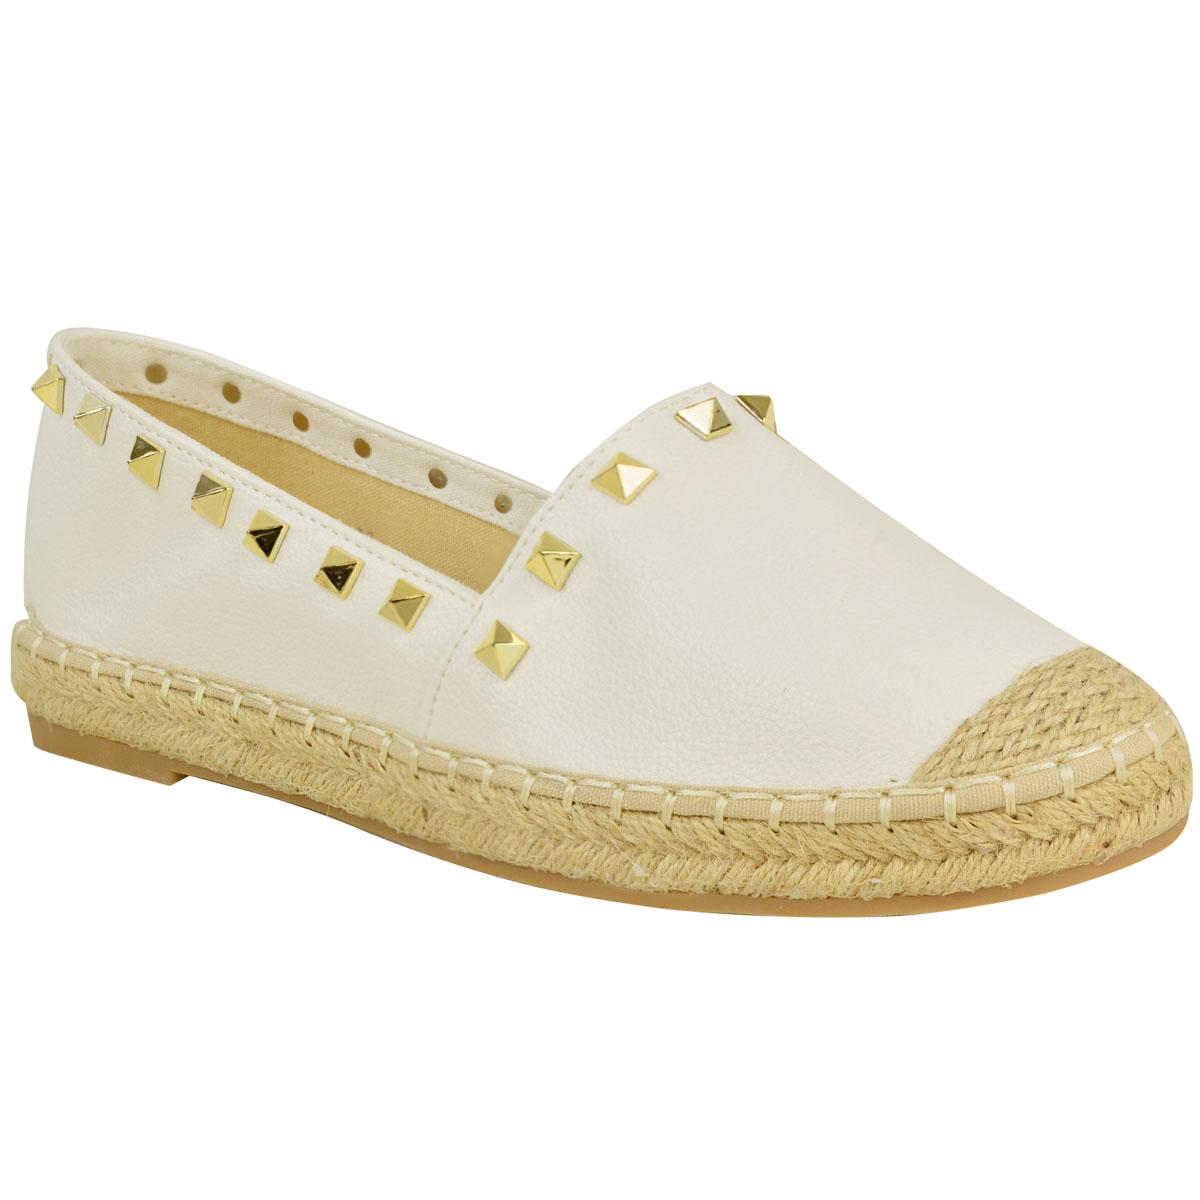 Barato Recomiendan Mirak Carla Summer Shoe Brown Size 37 2018 Venta En Línea Más Reciente Aclaramiento Cómoda Clásico De Salida SszzxIF